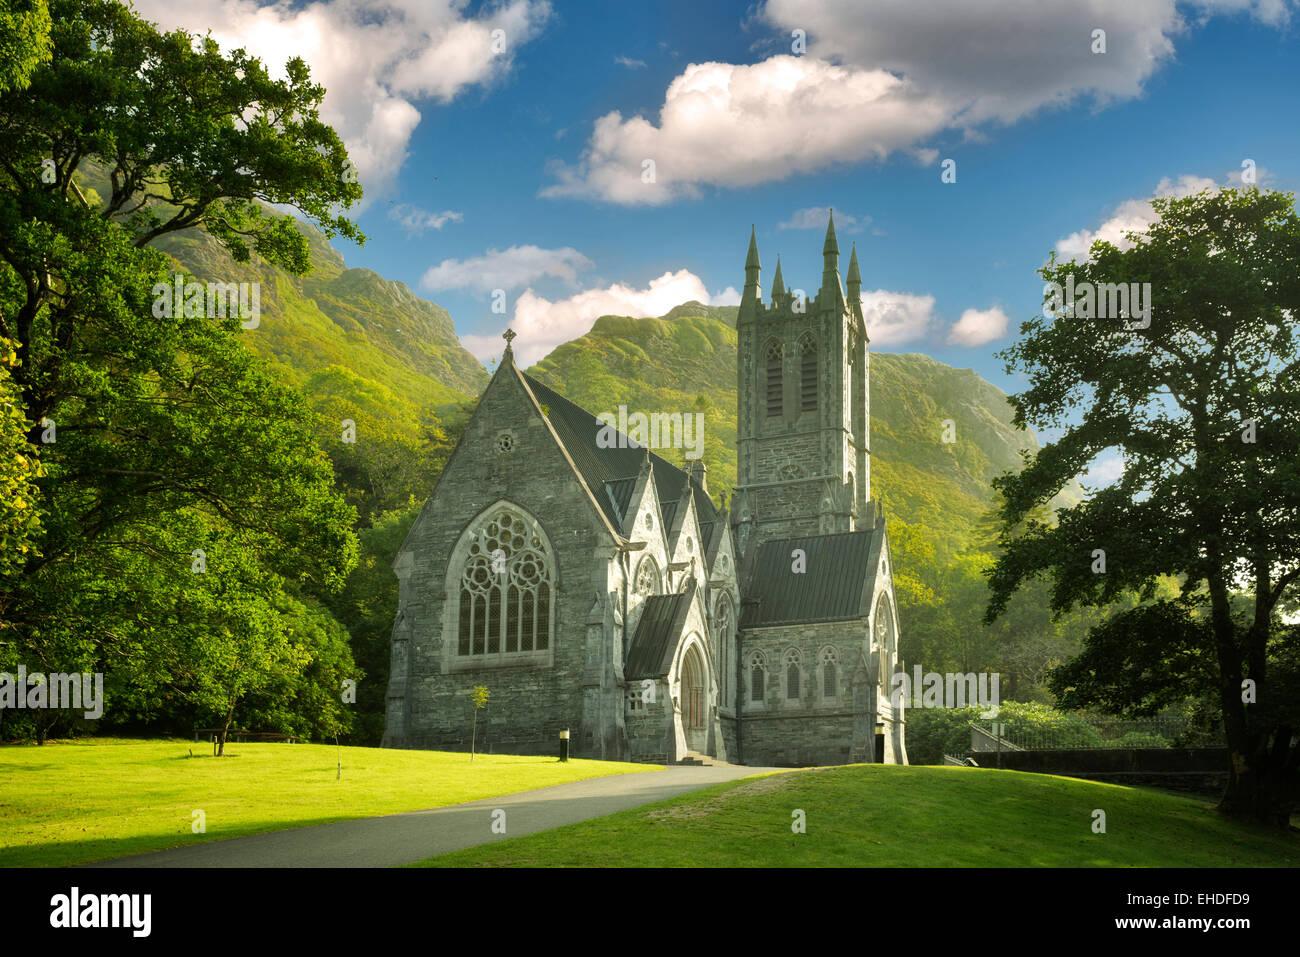 Iglesia gótica, Mary Henry's Memorial en la abadía de Kylemore. Región de Connemara, Irlanda Imagen De Stock